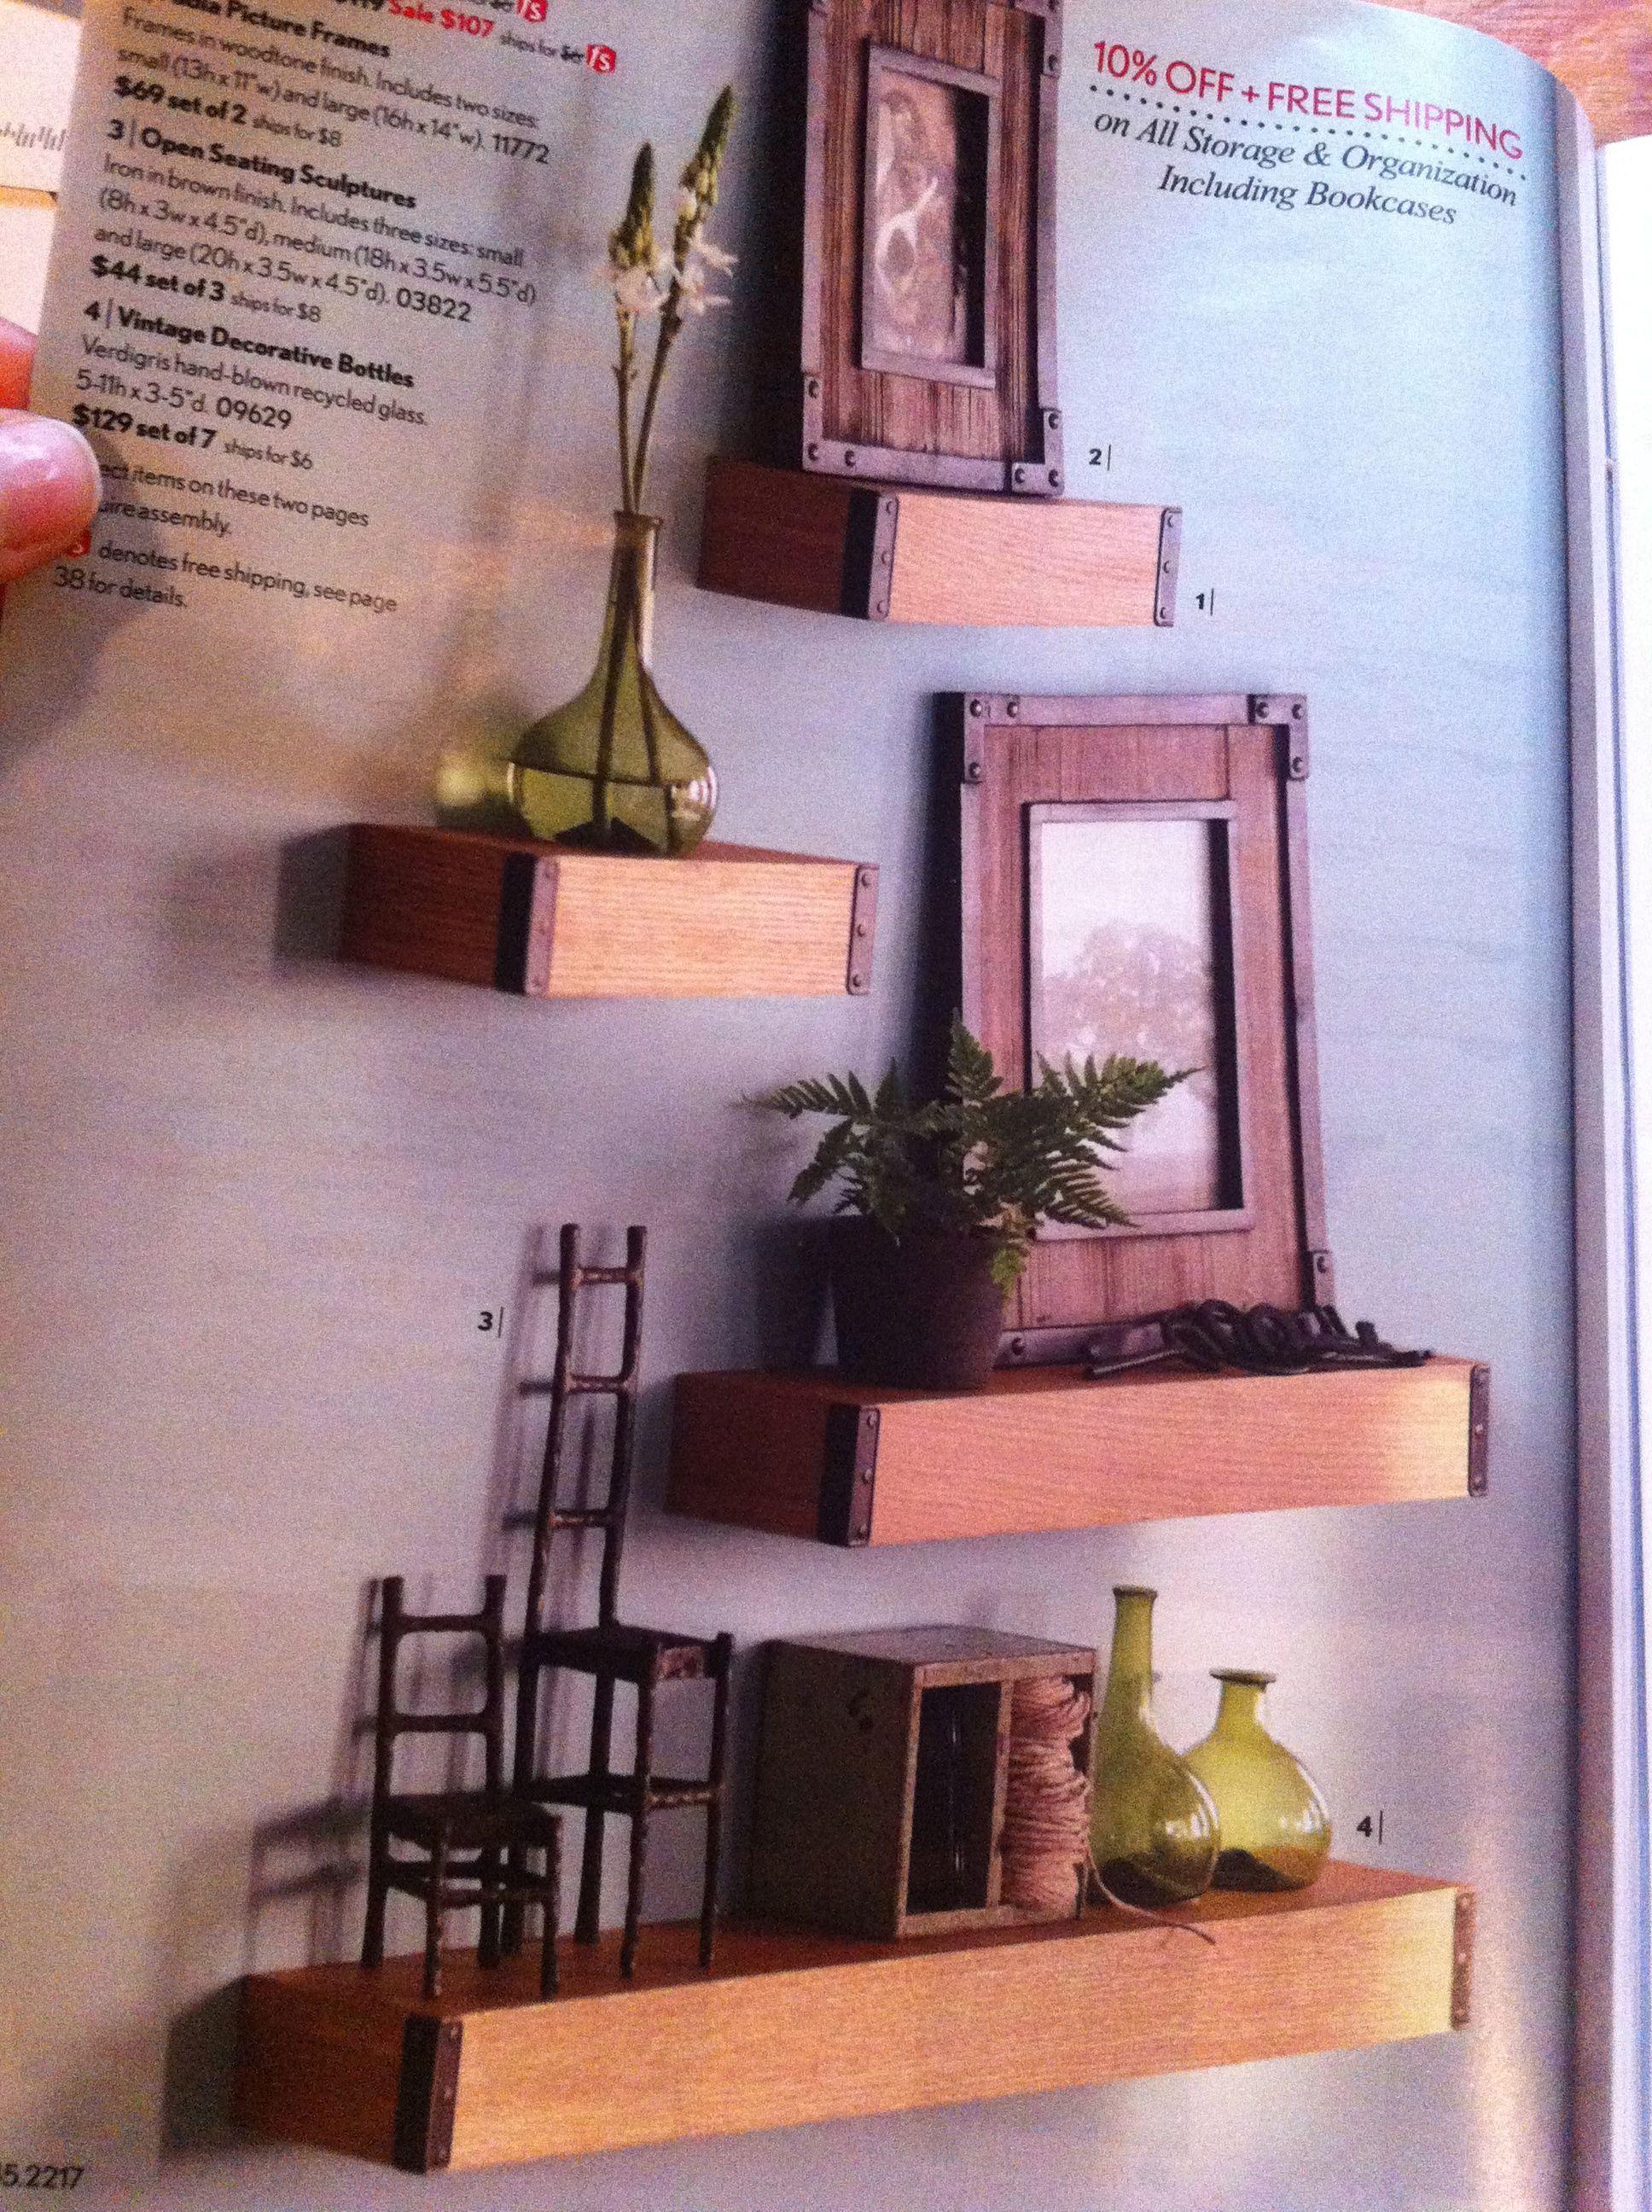 love these shelves diy opp httpwwwhomedecorators love